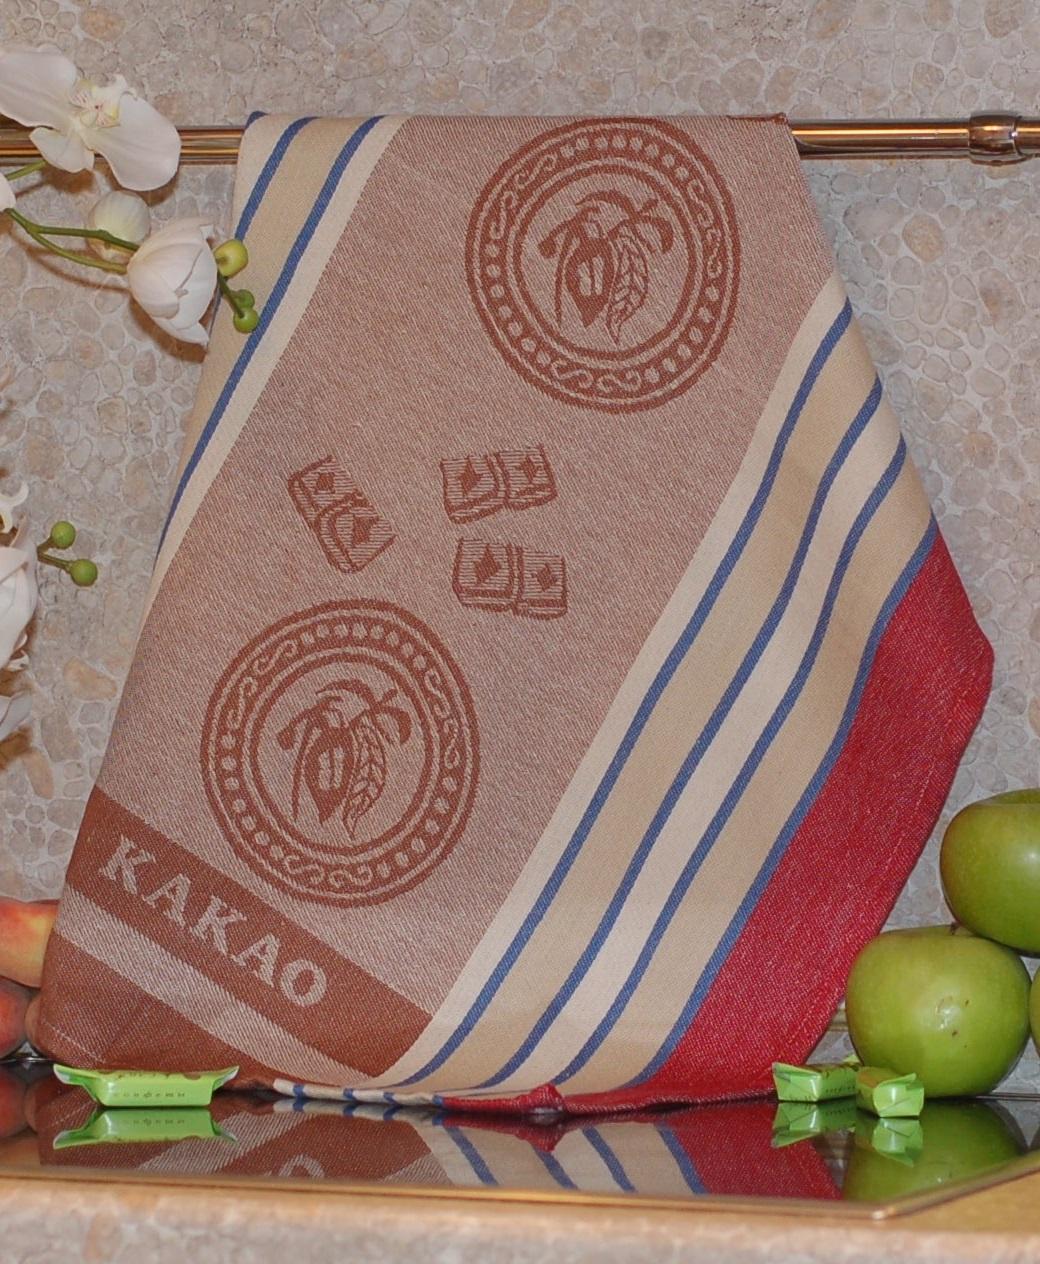 Полотенце жаккардовое ТекСтиль 507061-3 KAKAO полотенце кухонное текстиль для дома 507061 1 cafе коричневый бежевый красный